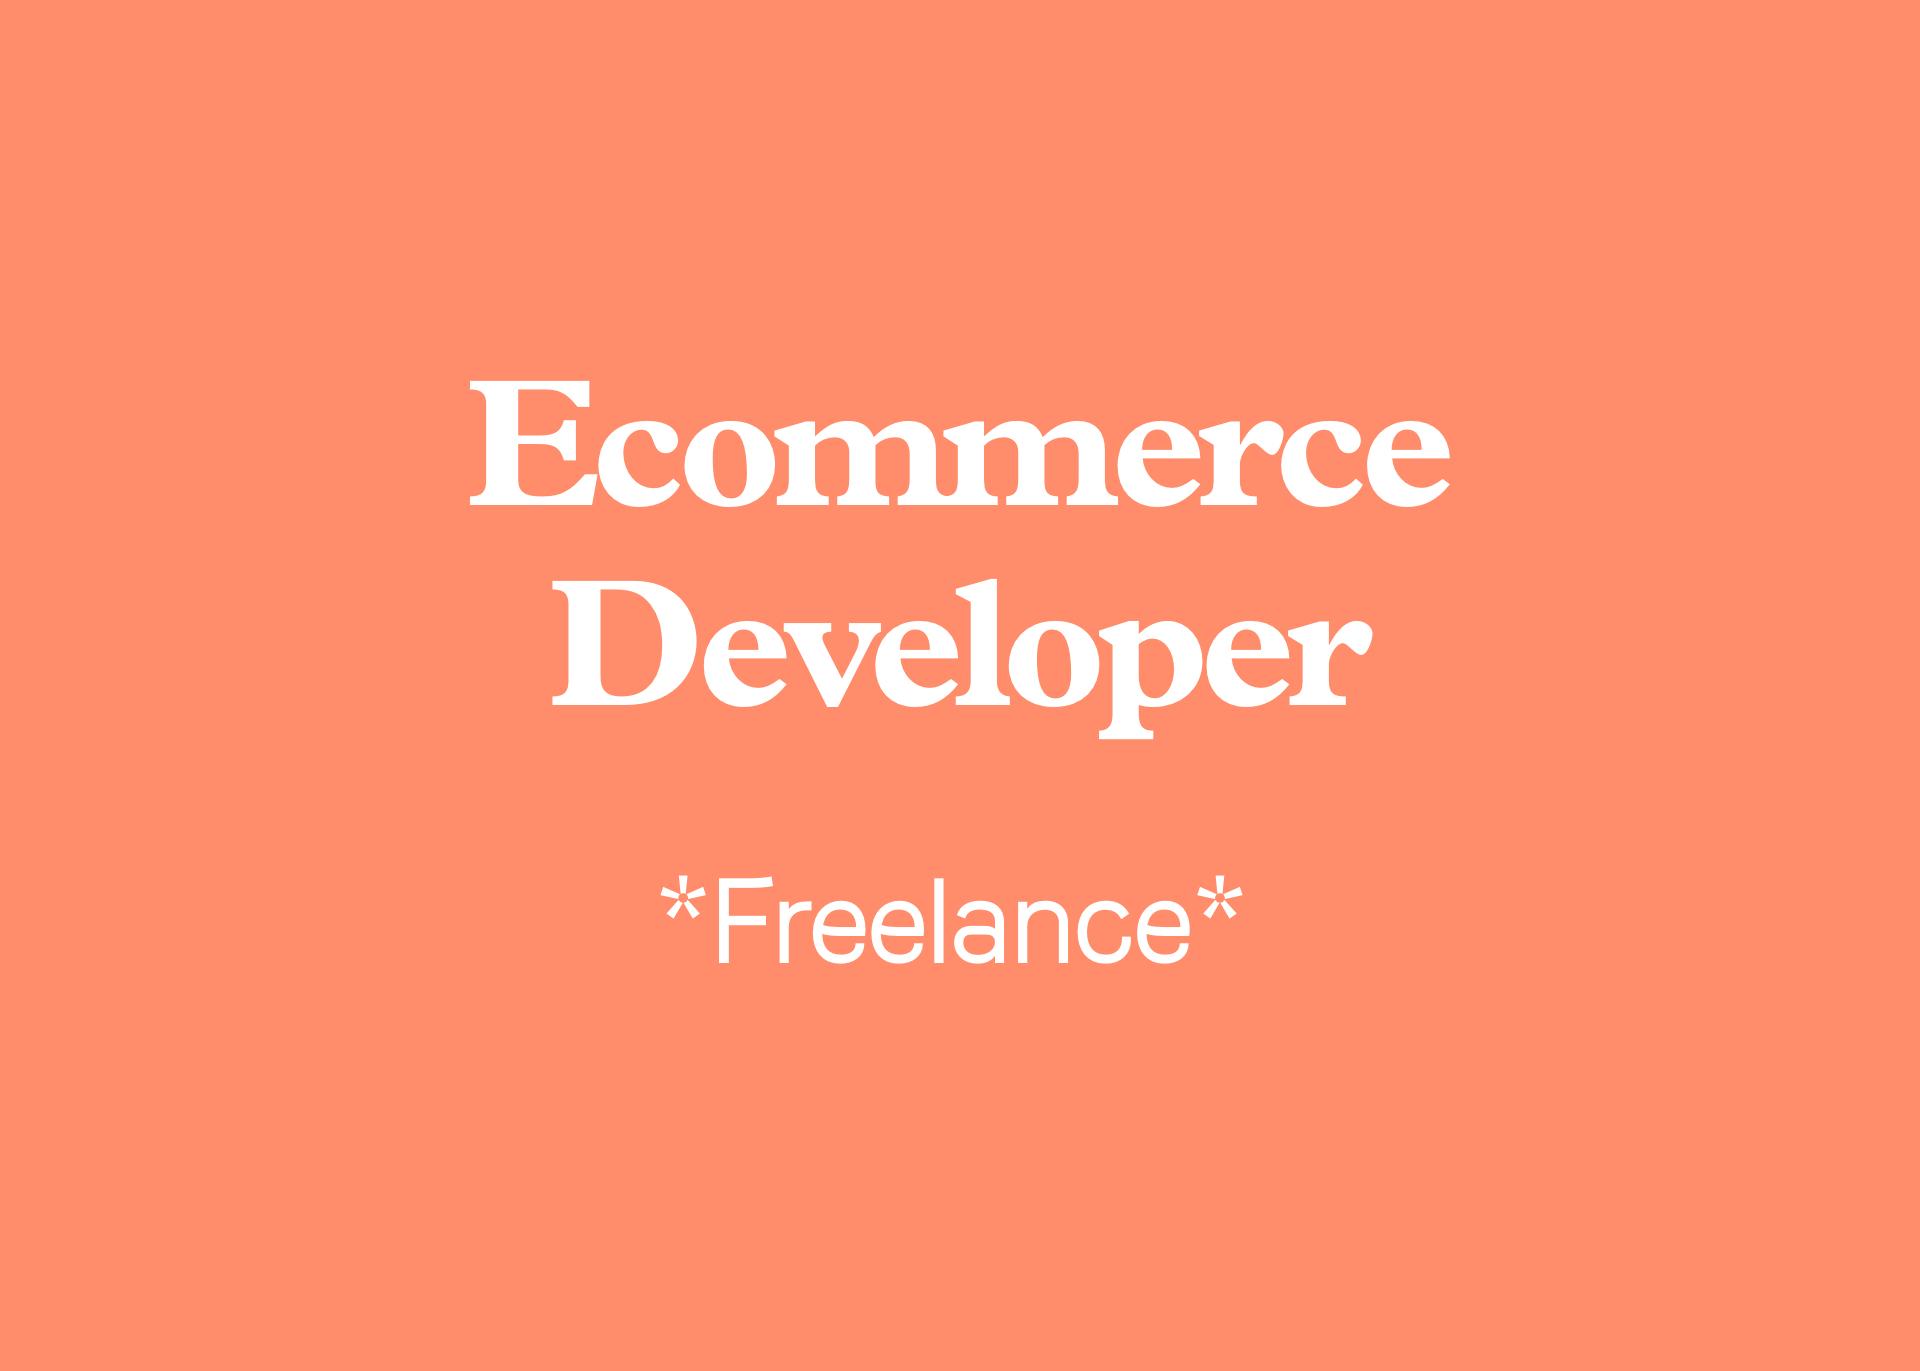 Ecommerce / Website Developer  (Freelance)